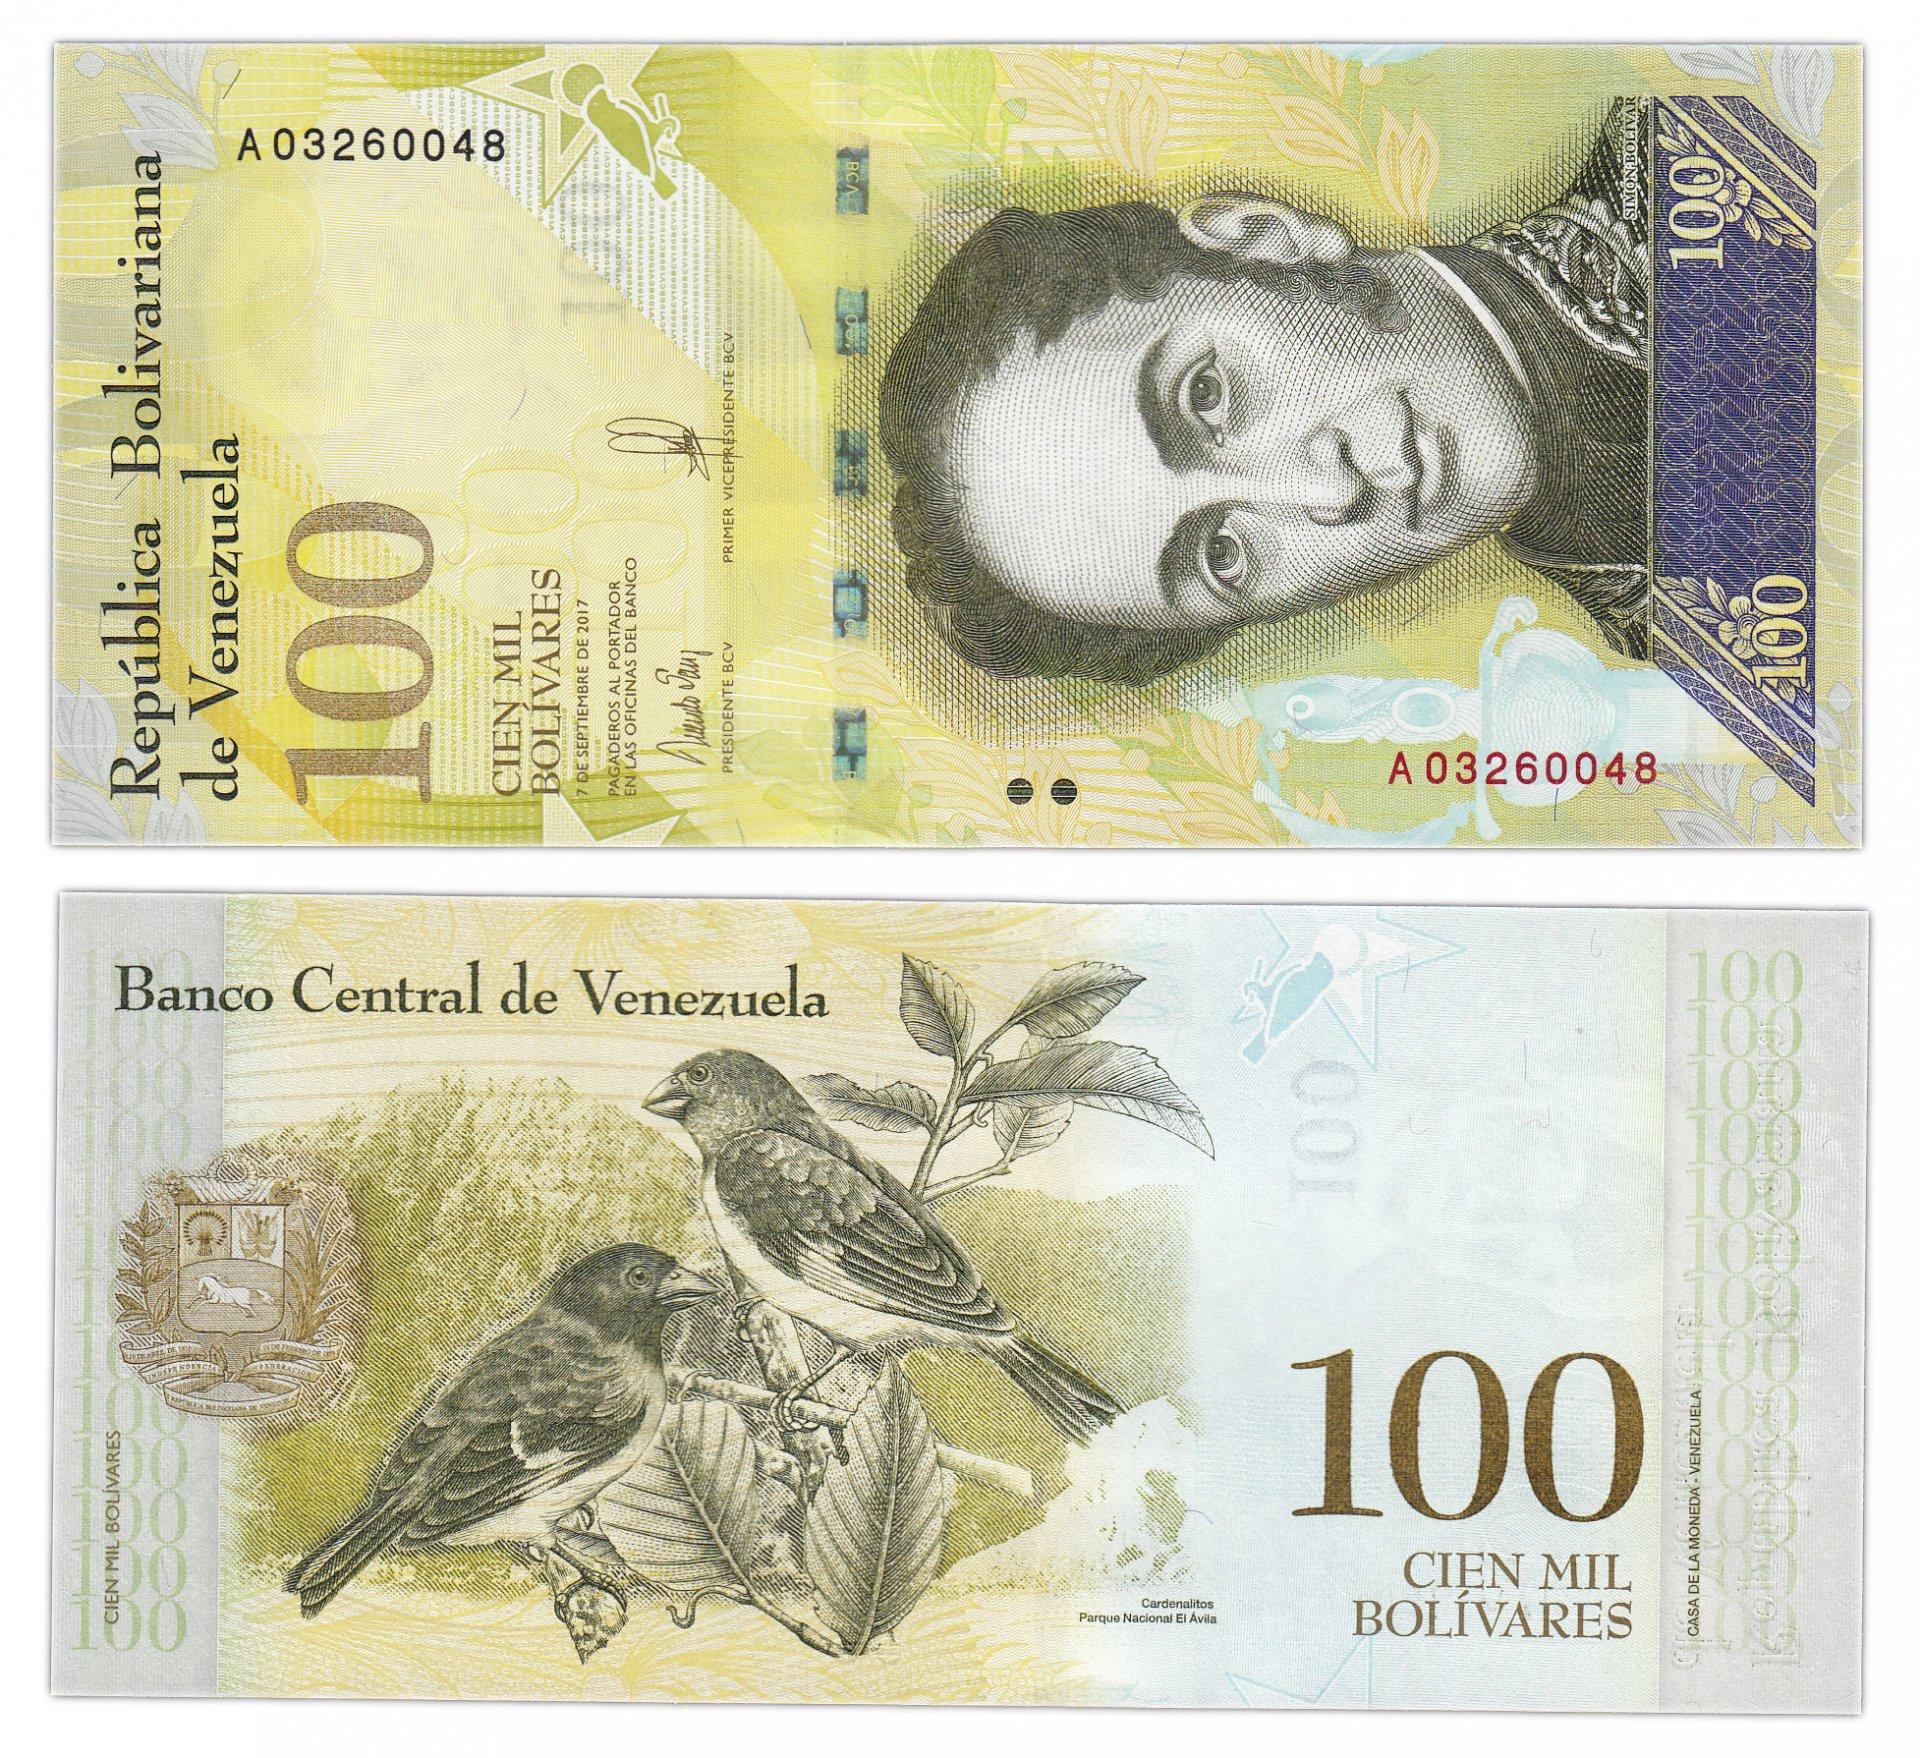 Продать боливары венесуэлы анкоми хобби